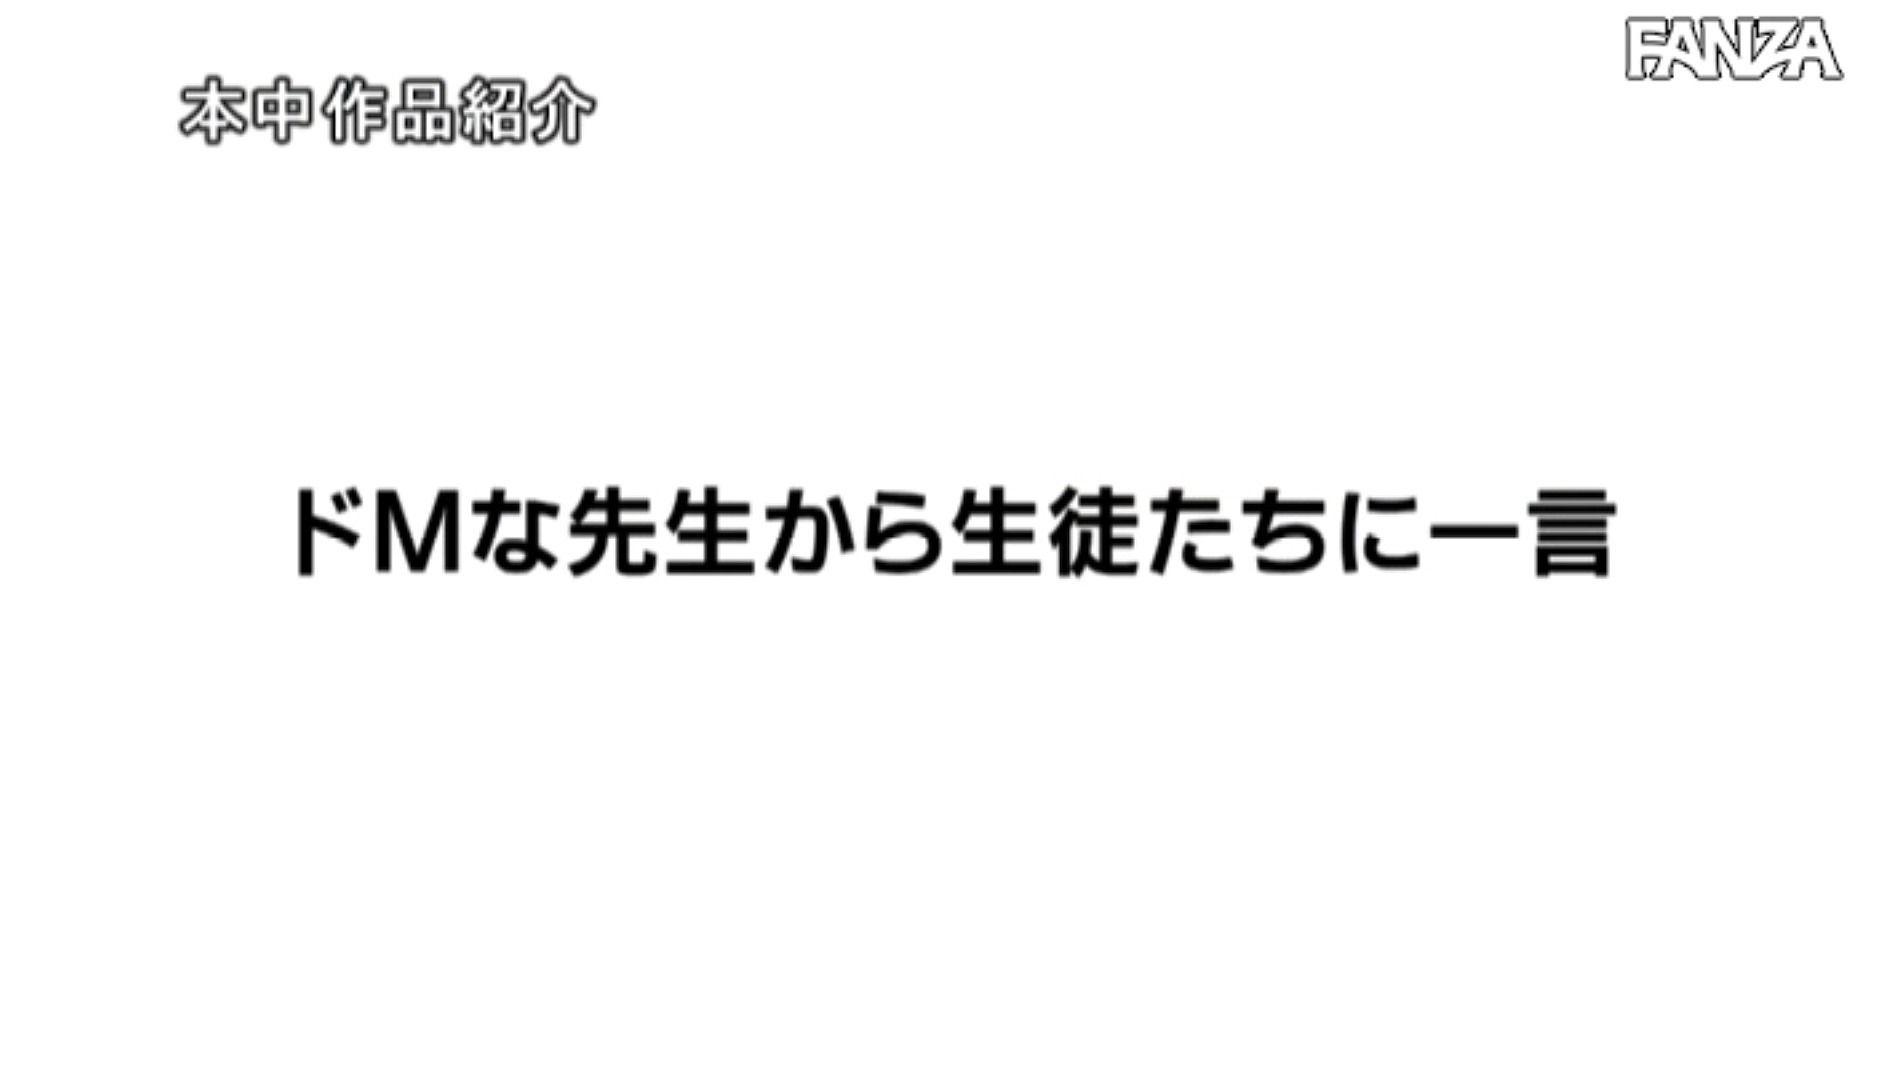 ayase_sakura_8172-081.jpg